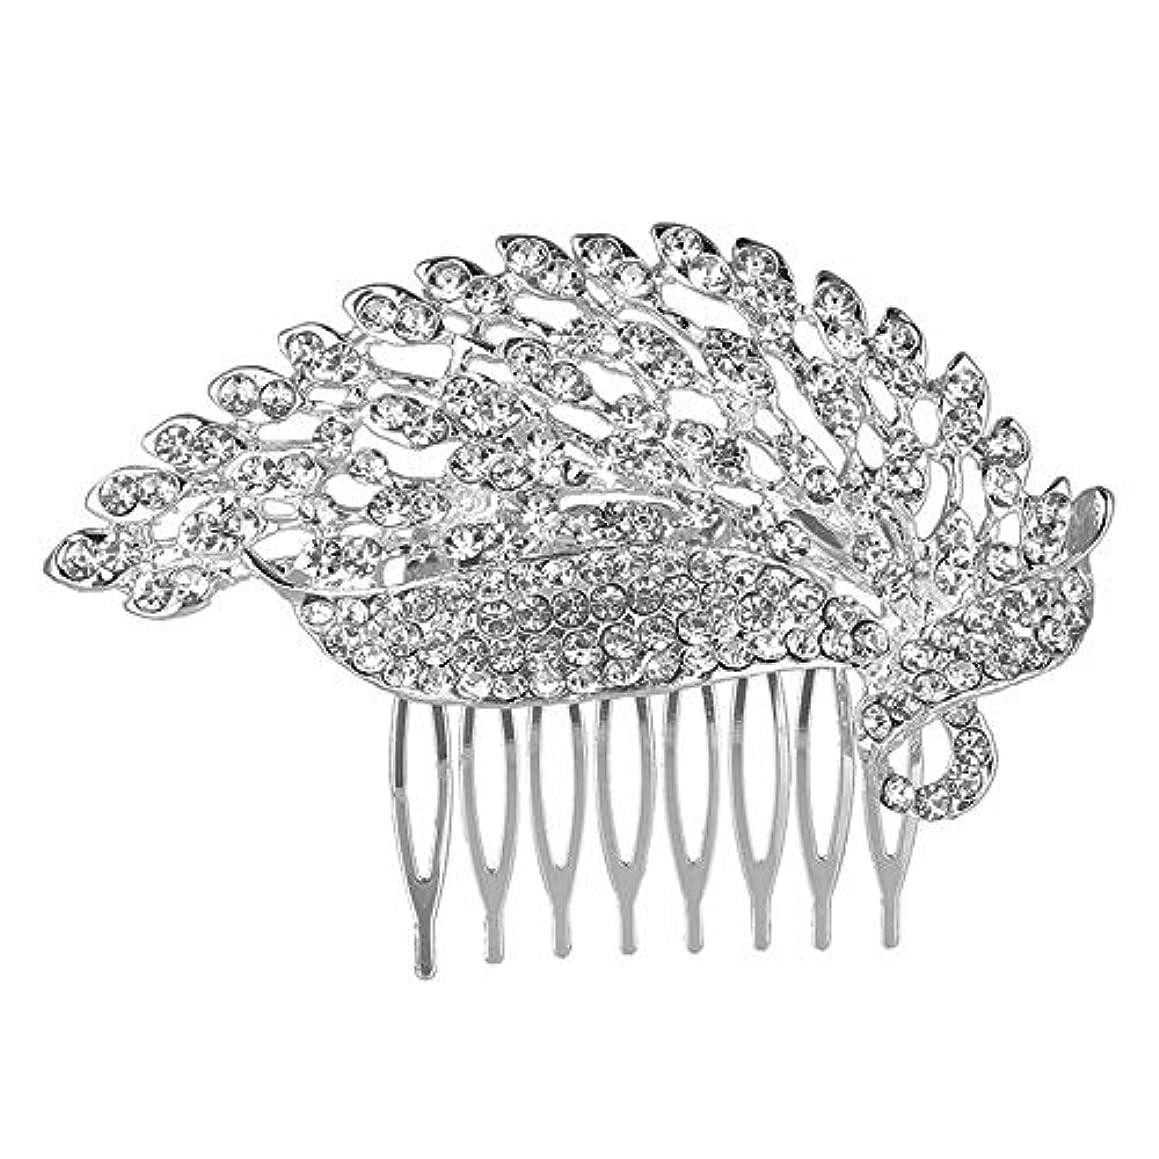 司令官警告するお酢髪の櫛の櫛の櫛の花嫁の櫛の櫛の櫛の花嫁の頭飾りの結婚式のアクセサリー合金